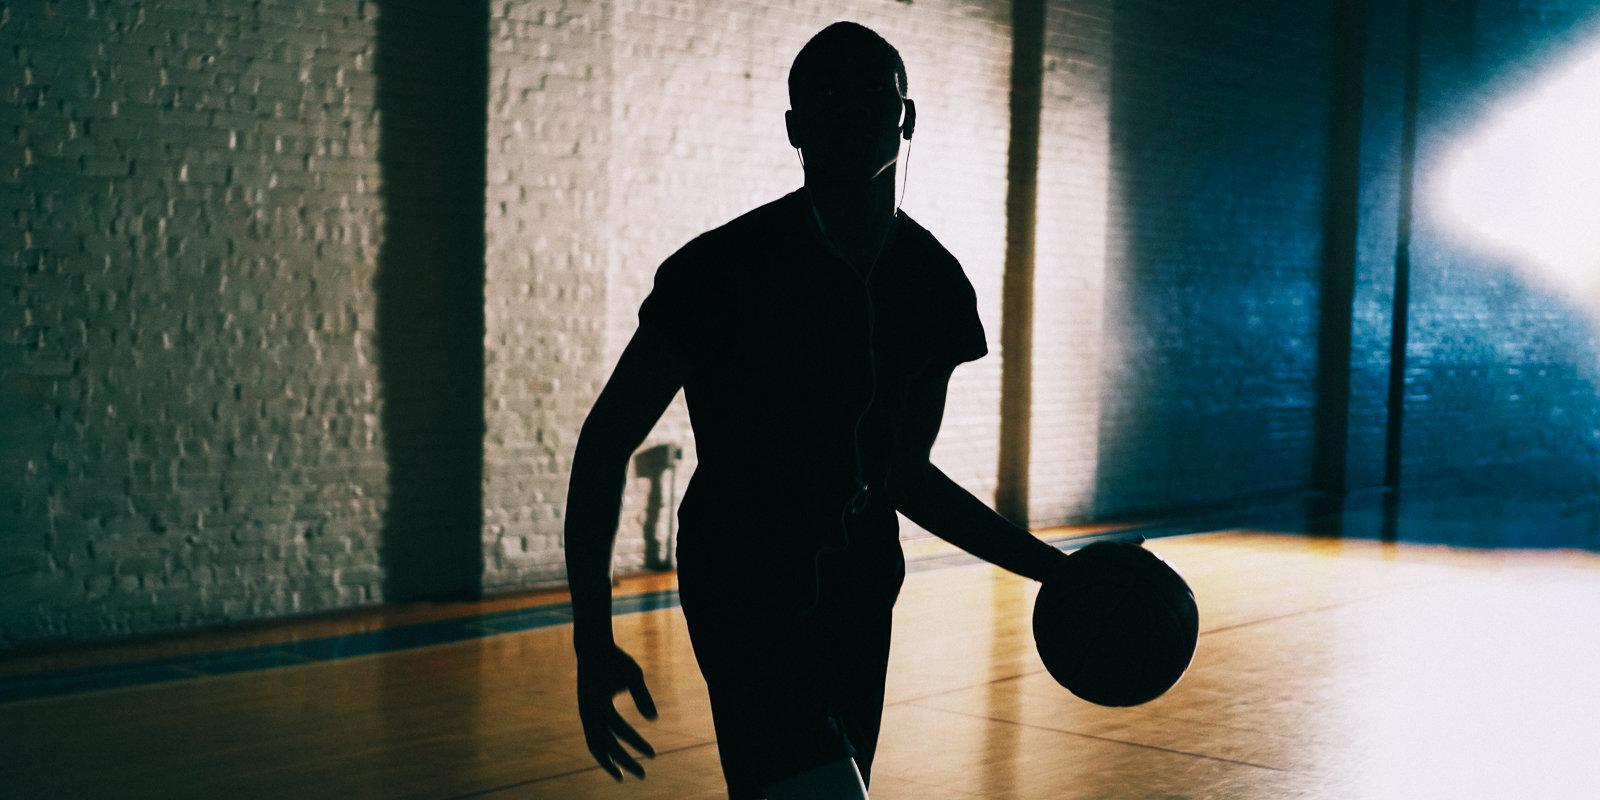 Kas slēpjas aiz starmešu gaismām? Sportisti, kuri cīnījušies ar mentālās veselības problēmām